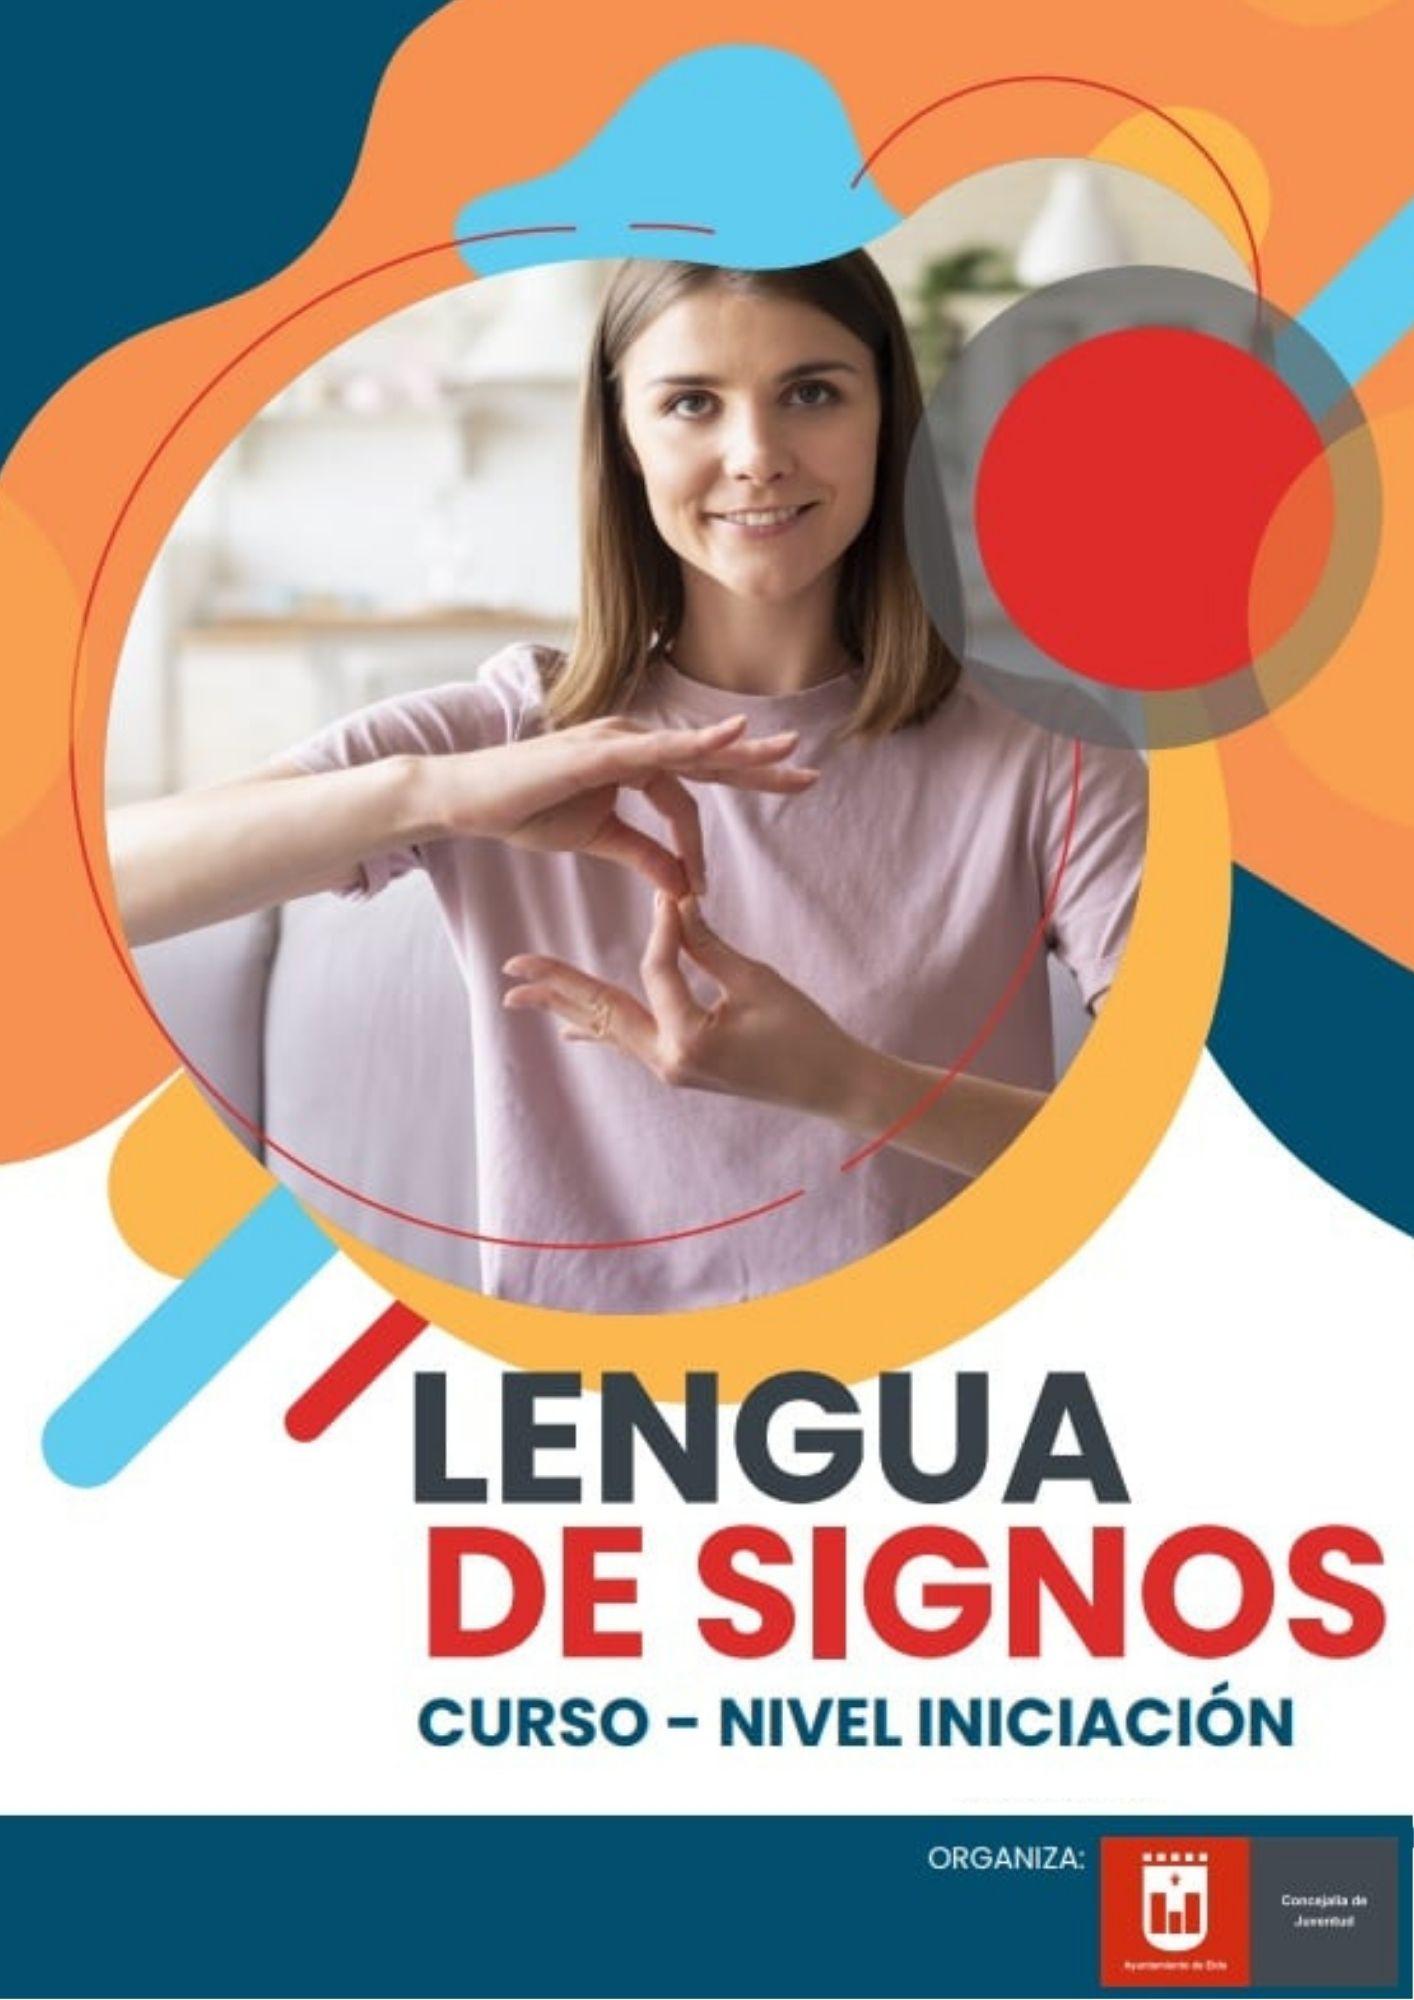 La Concejalía de Juventud pone en marcha un segundo curso de lengua de signos tras el éxito de participación de la primera edición